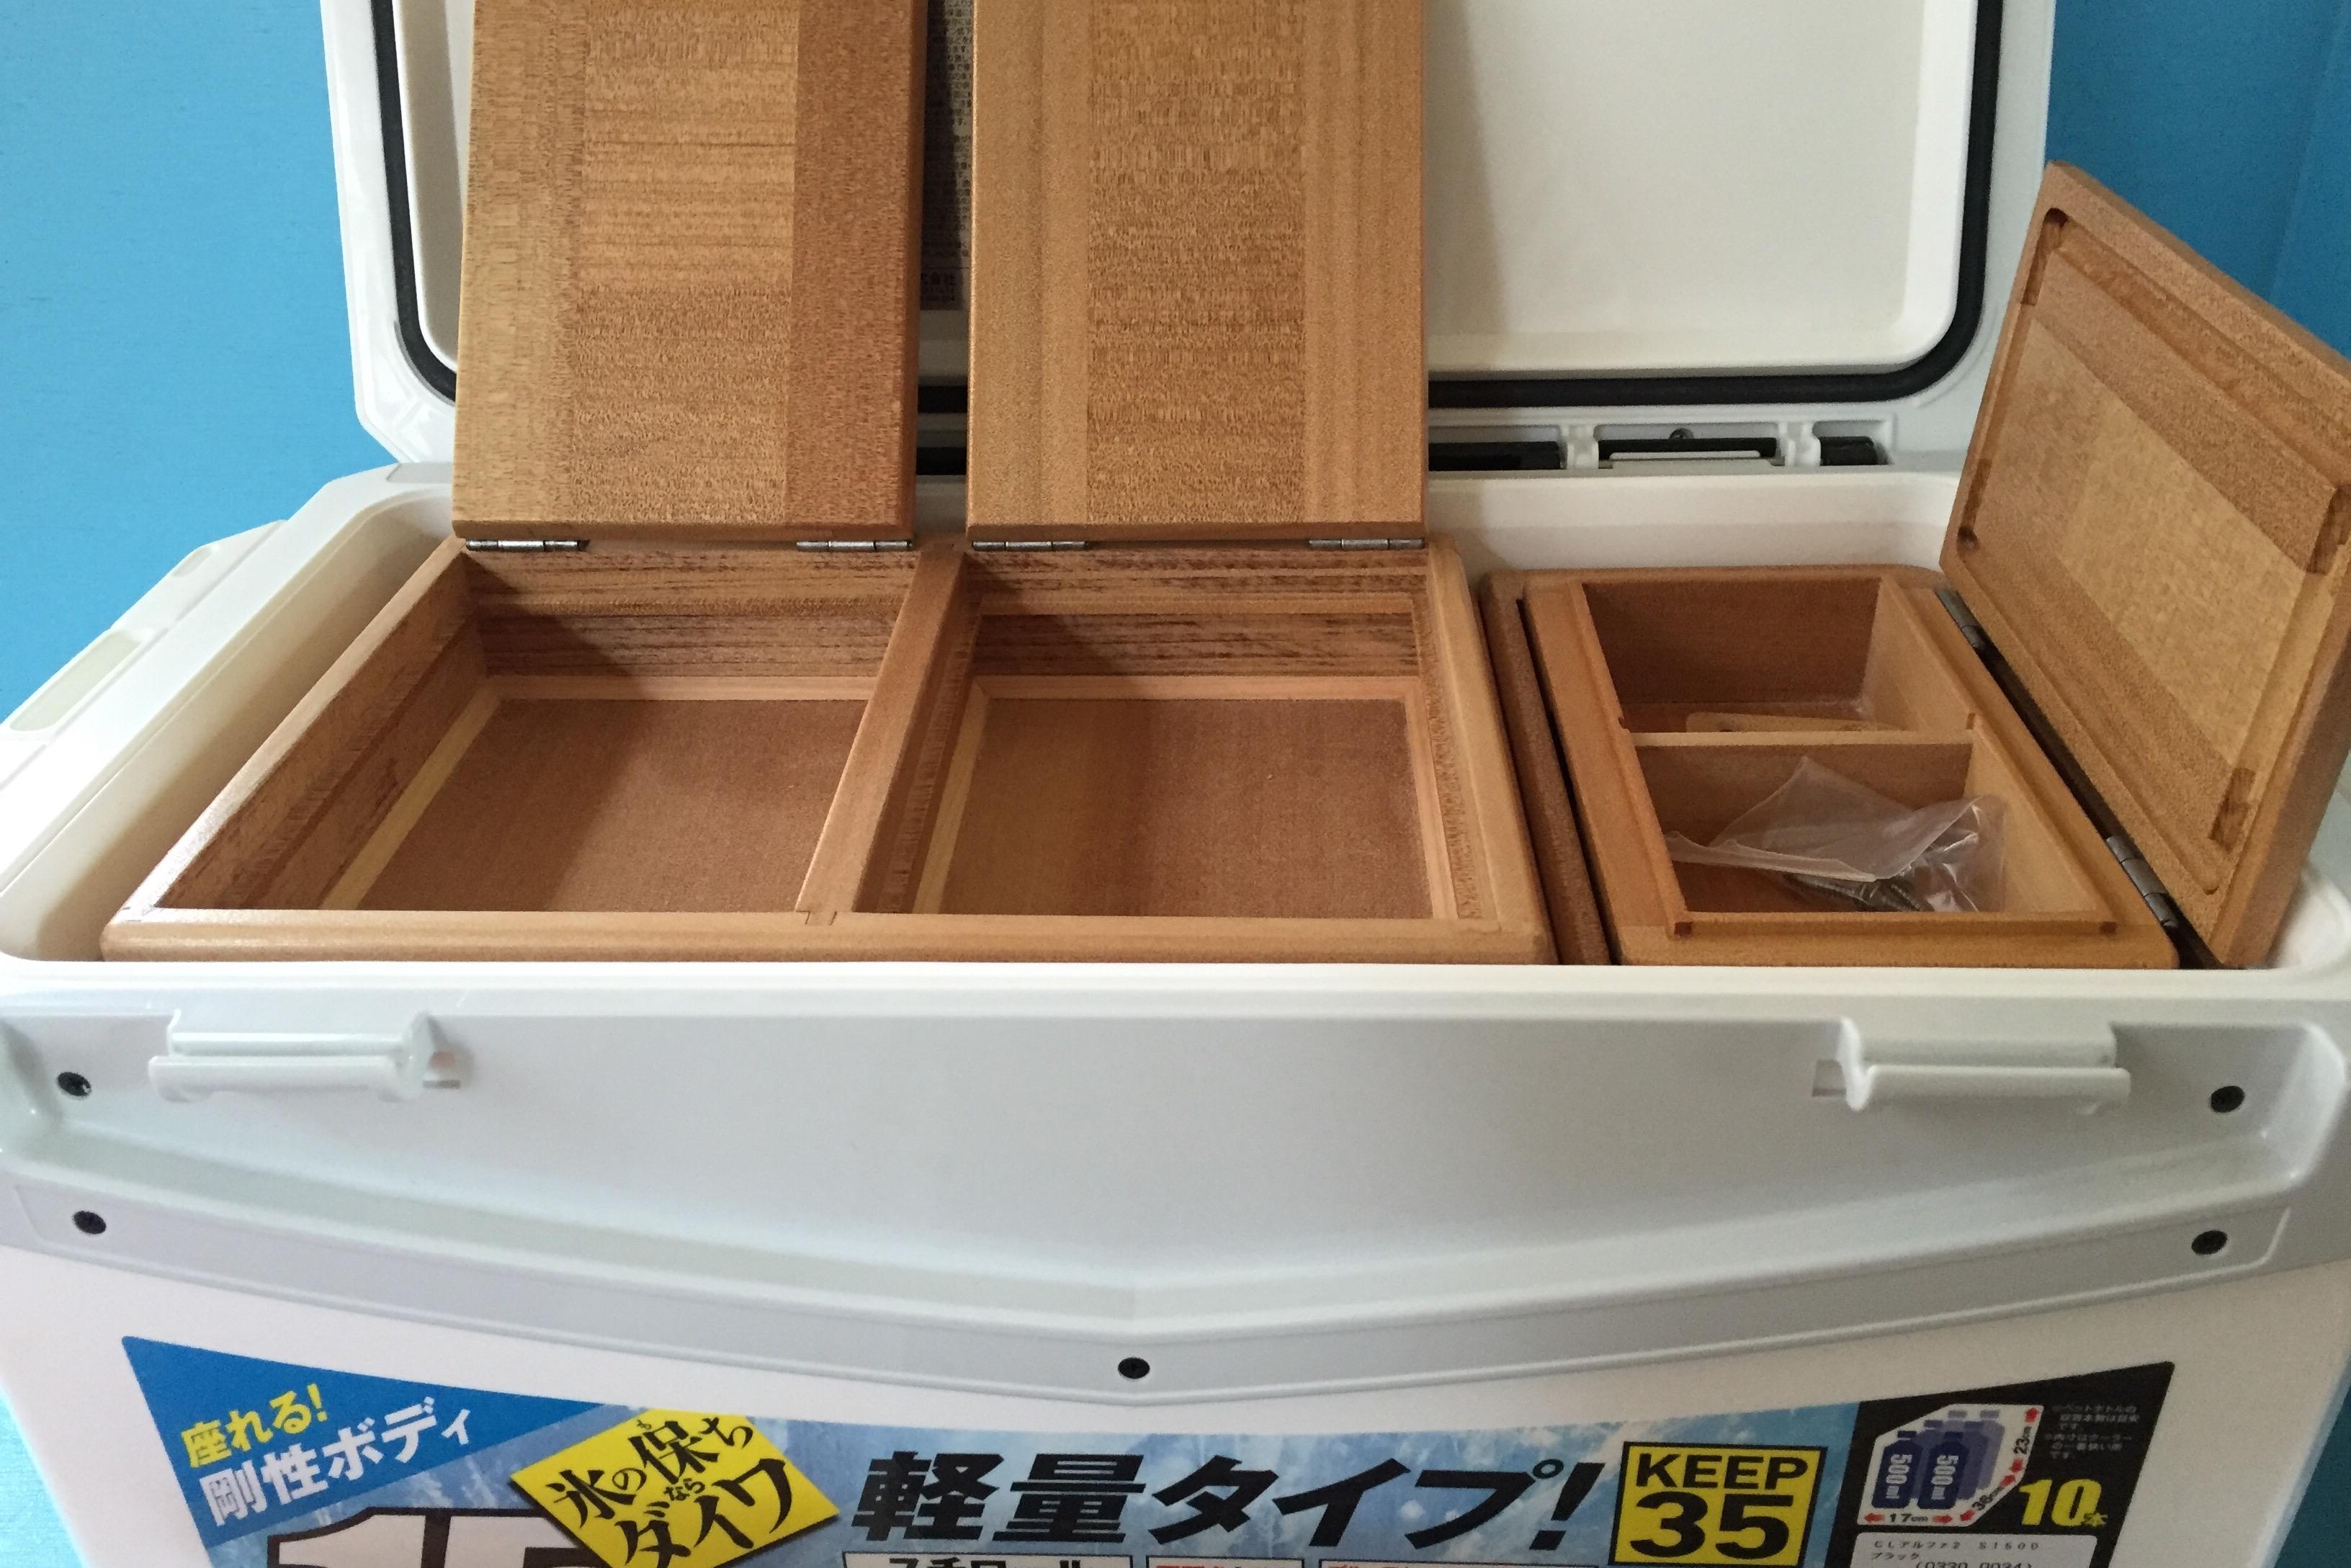 保存用エサ箱は大容量エサ入れで小出しエサ箱も大きくしてあります。